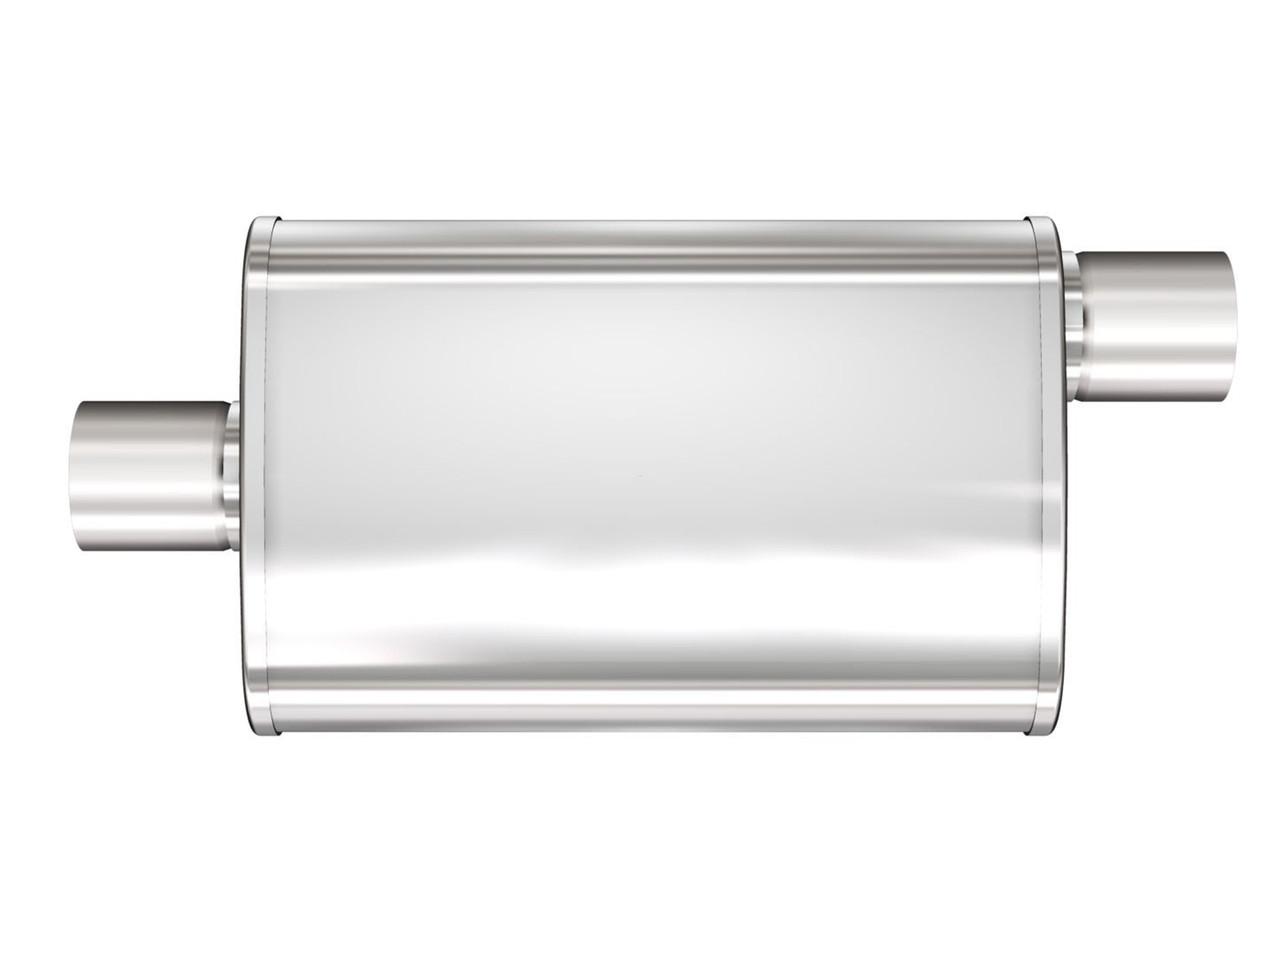 """MagnaFlow 4"""" X 9"""" Oval Center/Offset XL Multi-Chamber Performance Muffler"""